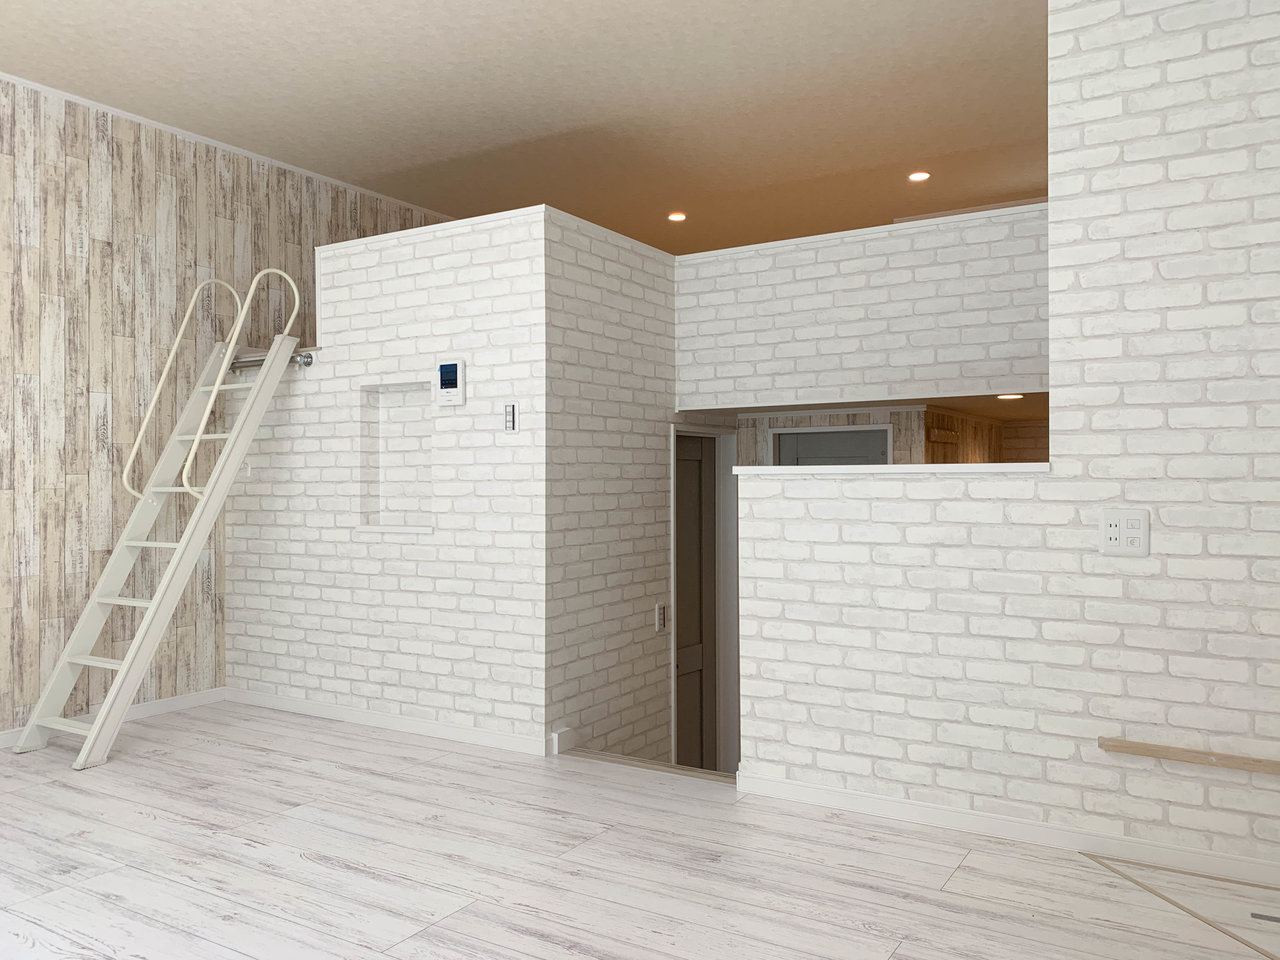 ロフトへの階段も低めなのがうれしいですね。リビングに上がるまでにもいくつかステップがあり、平米数の割には広く感じられるお部屋です。